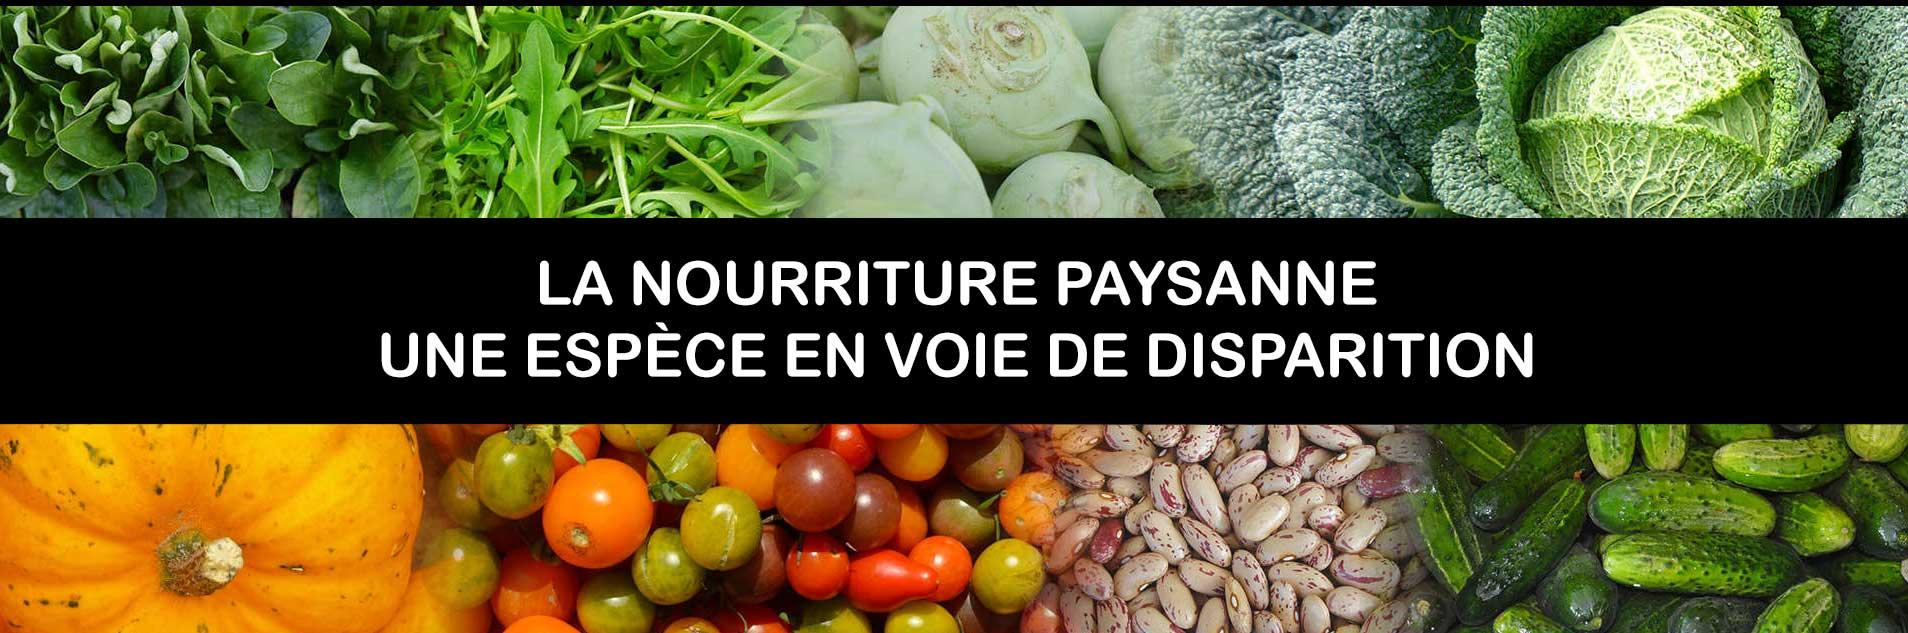 NOURRITURE PAYSANNE, ESPÈCE EN VOIE DE DISPARITION https://kokopelli-semences.fr/